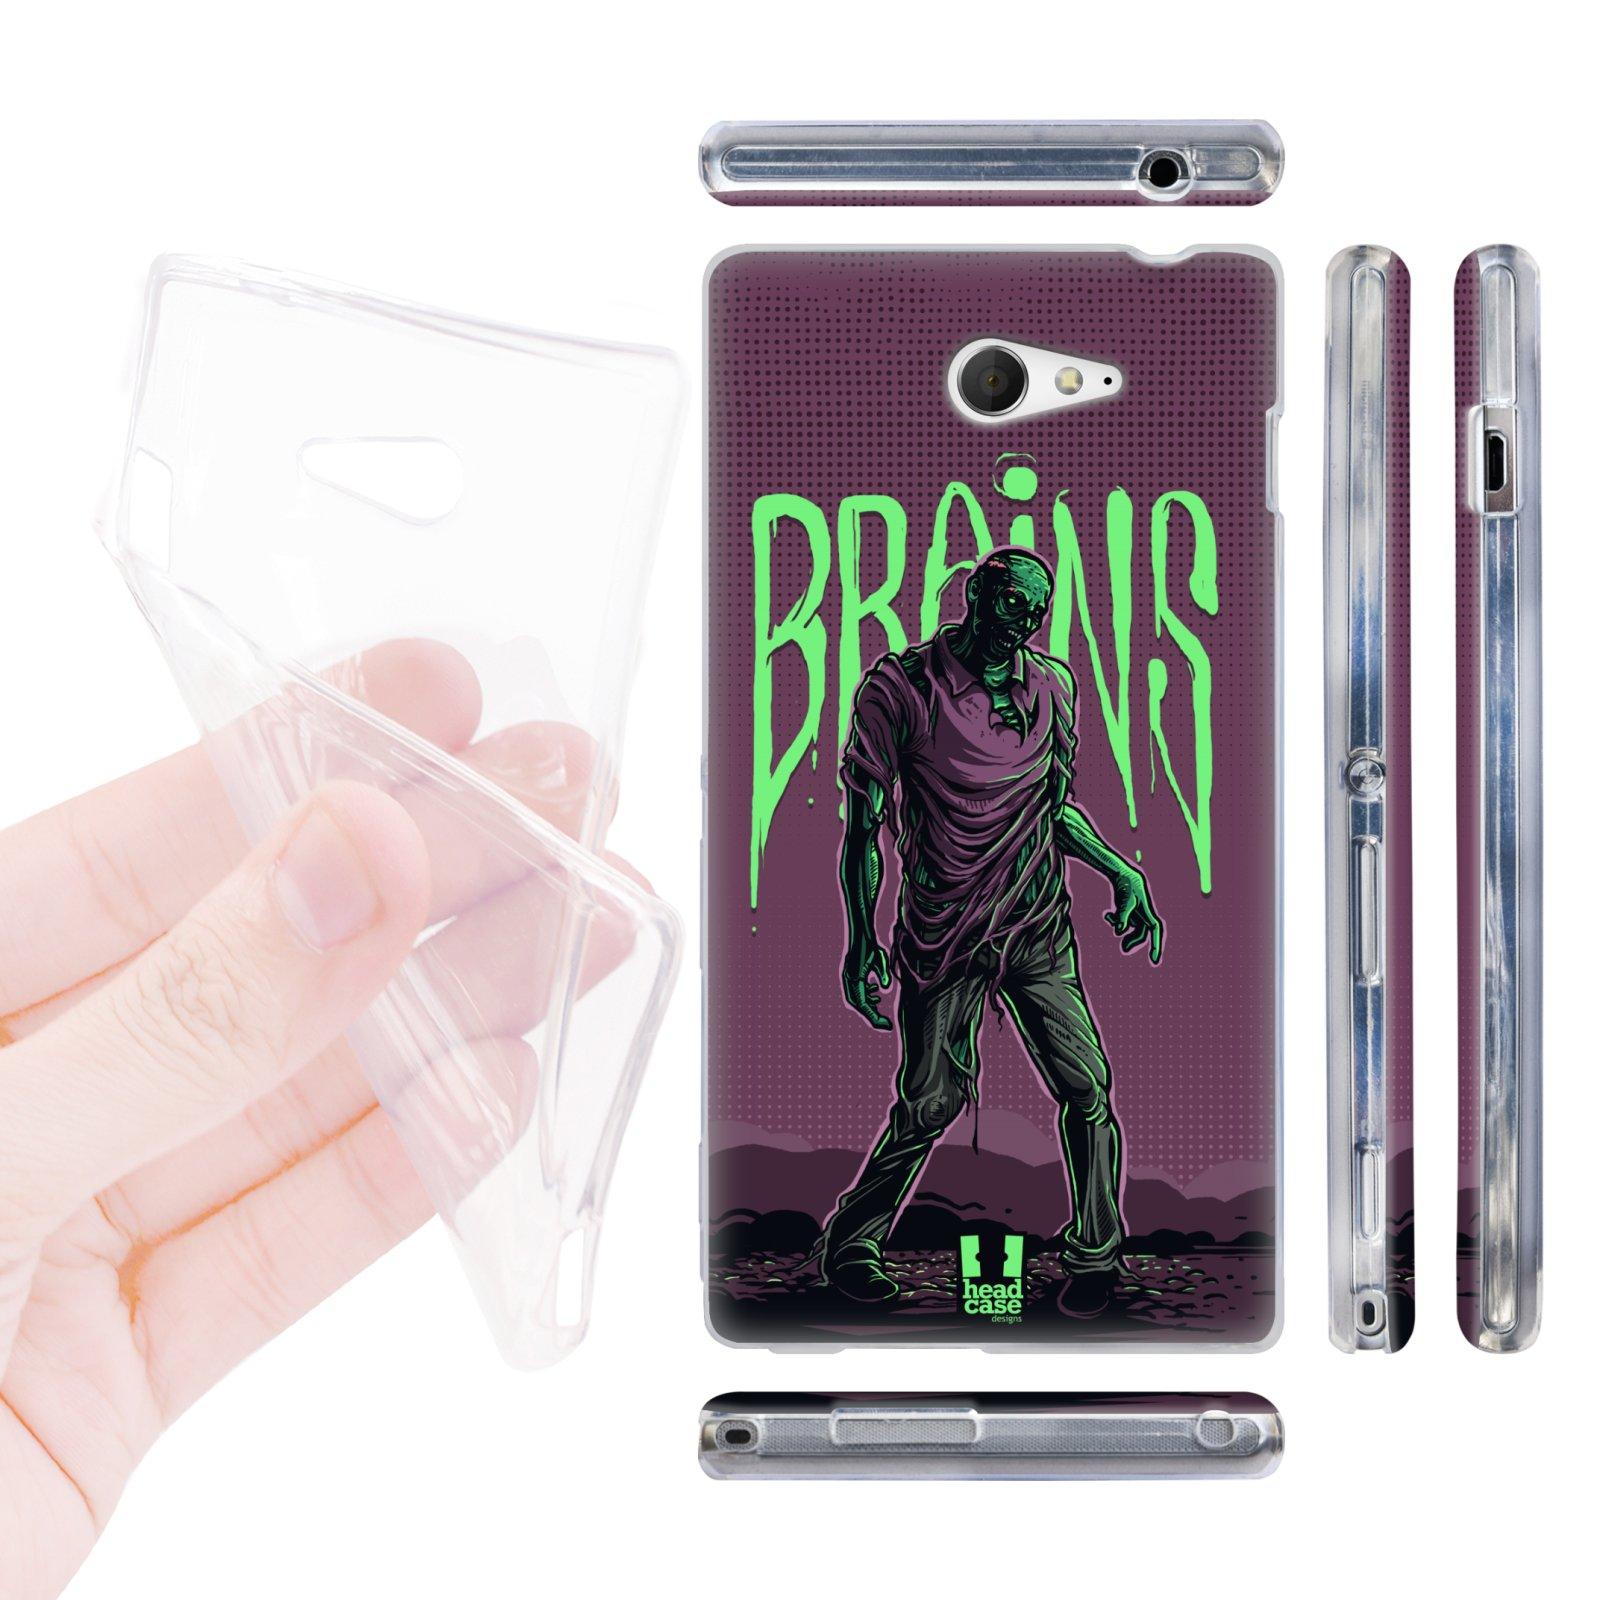 Silikonové pouzdro na mobil Sony Xperia M2 D2303 HEAD CASE ZOMBIE HLEDÁ (Silikonový kryt či obal na mobilní telefon Sony Xperia M2 D2303)